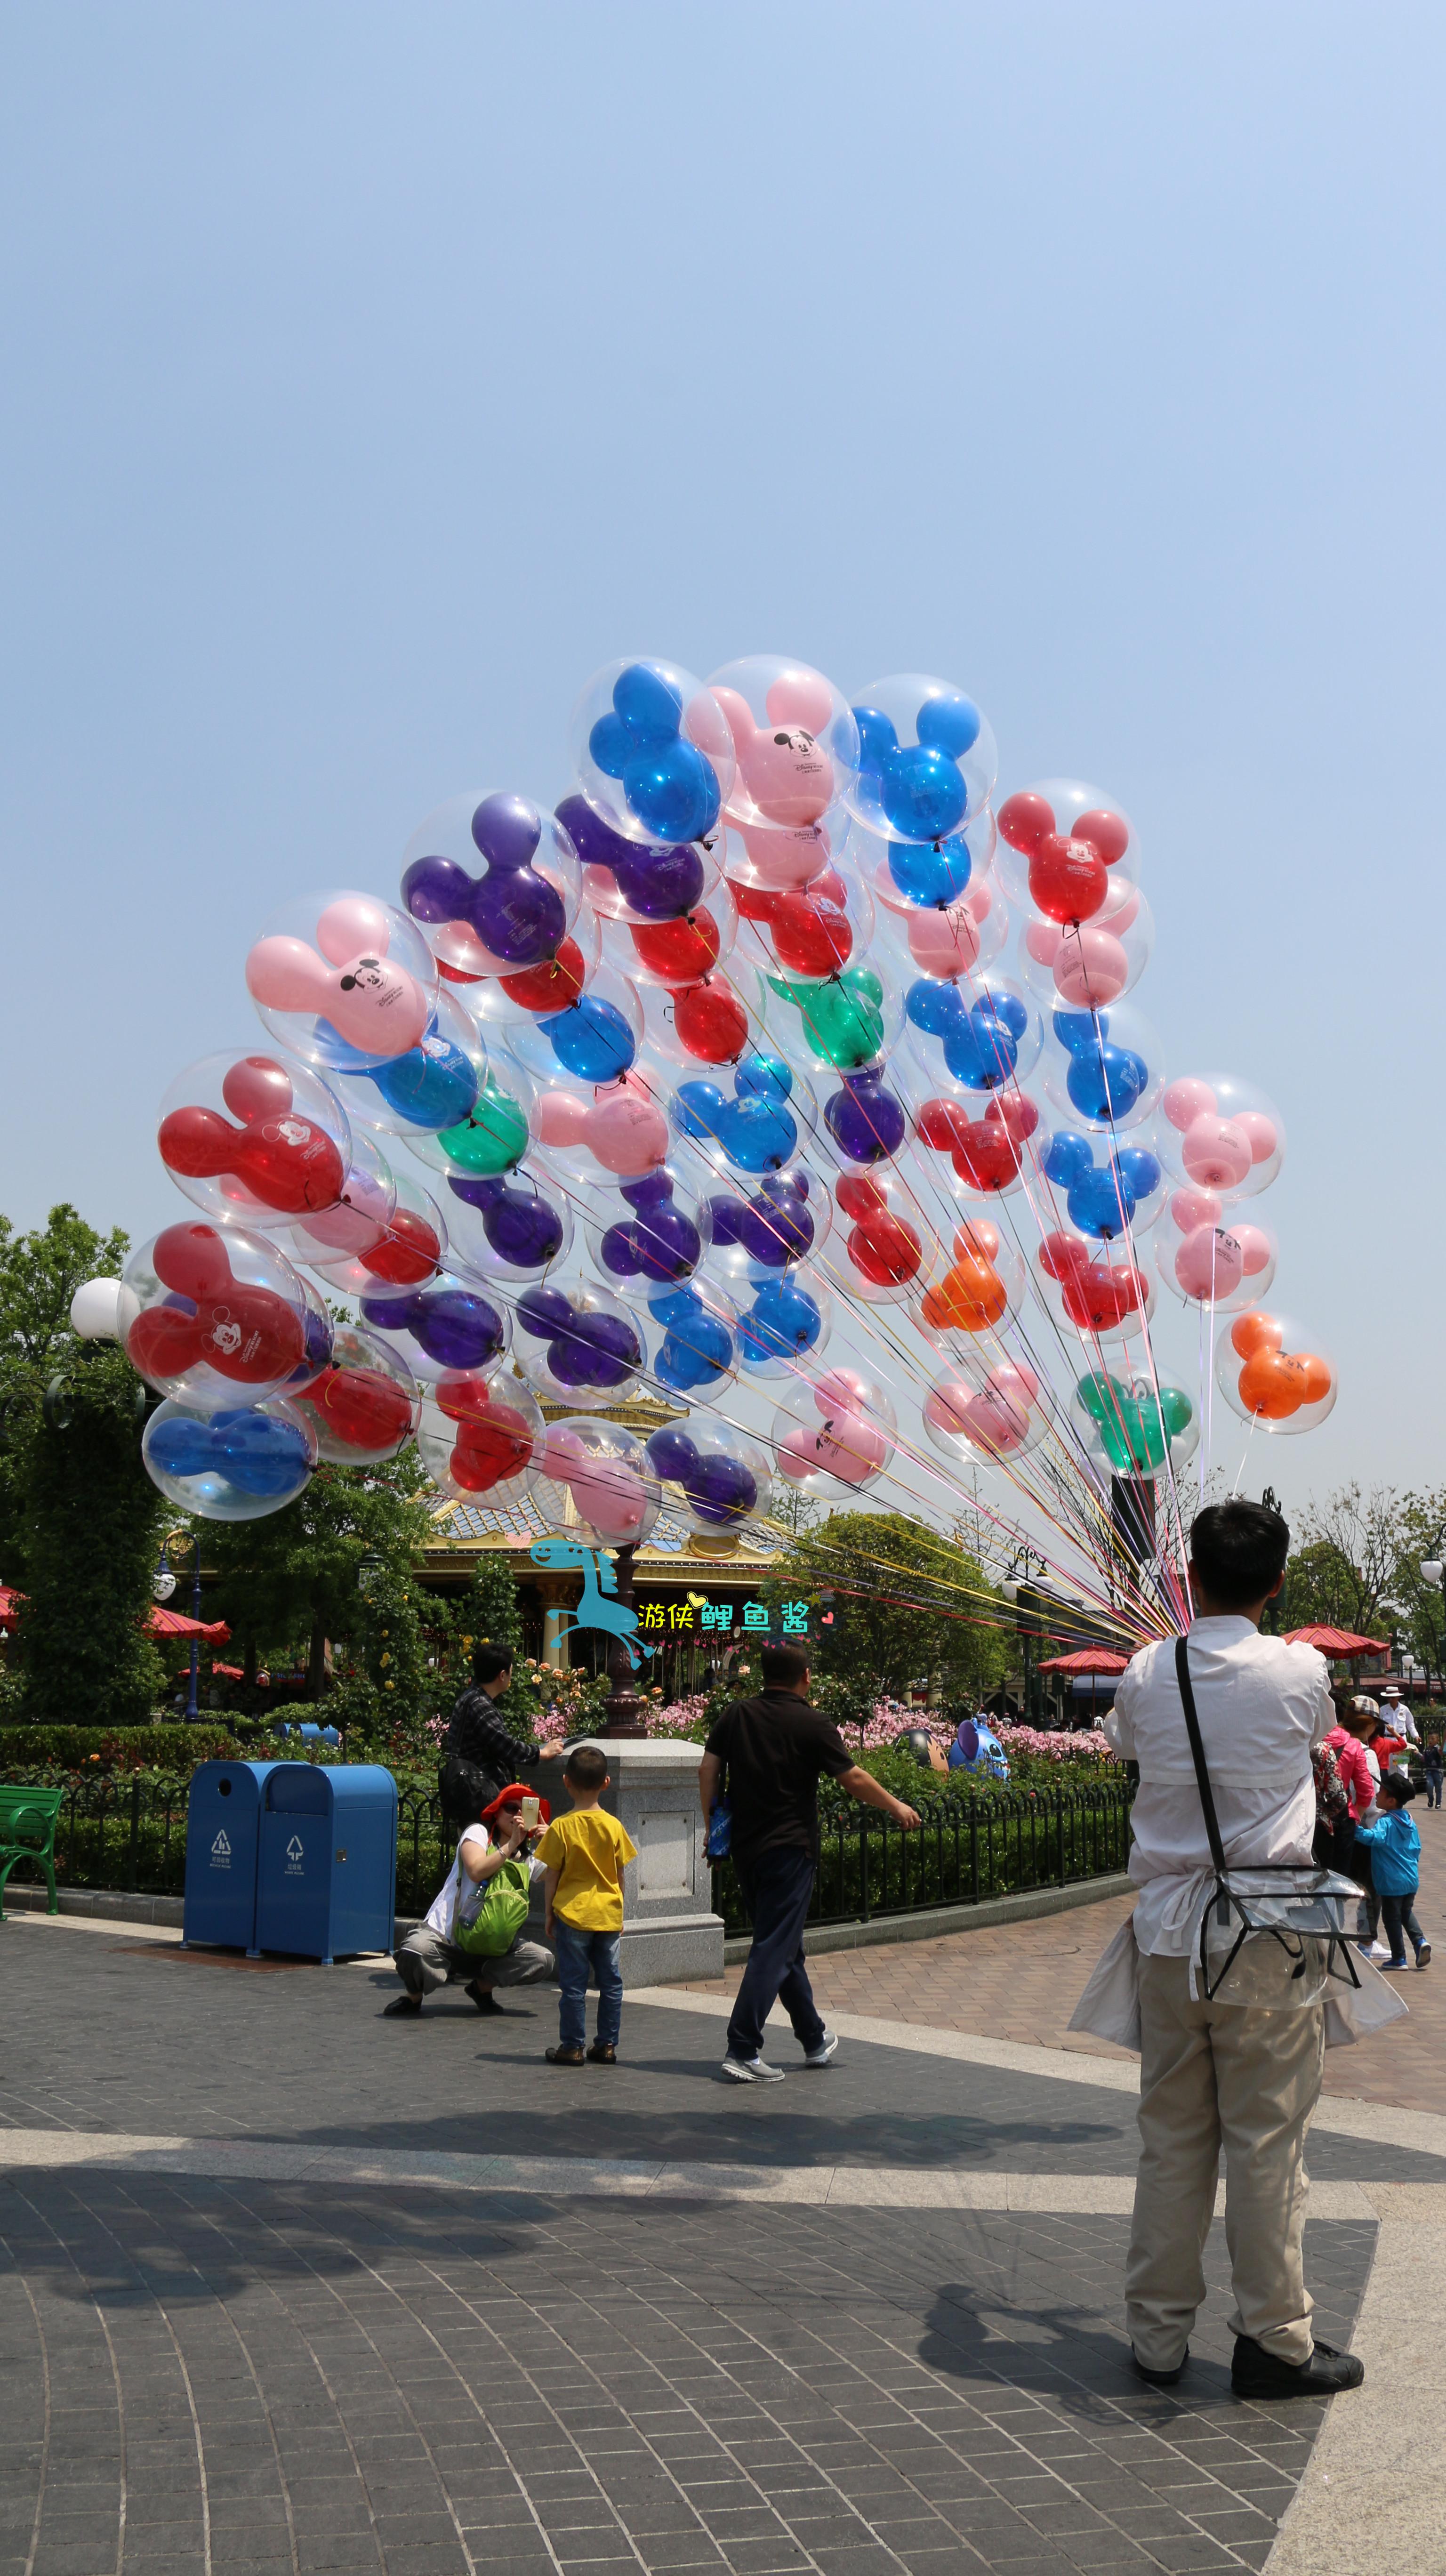 迪士尼氢气球